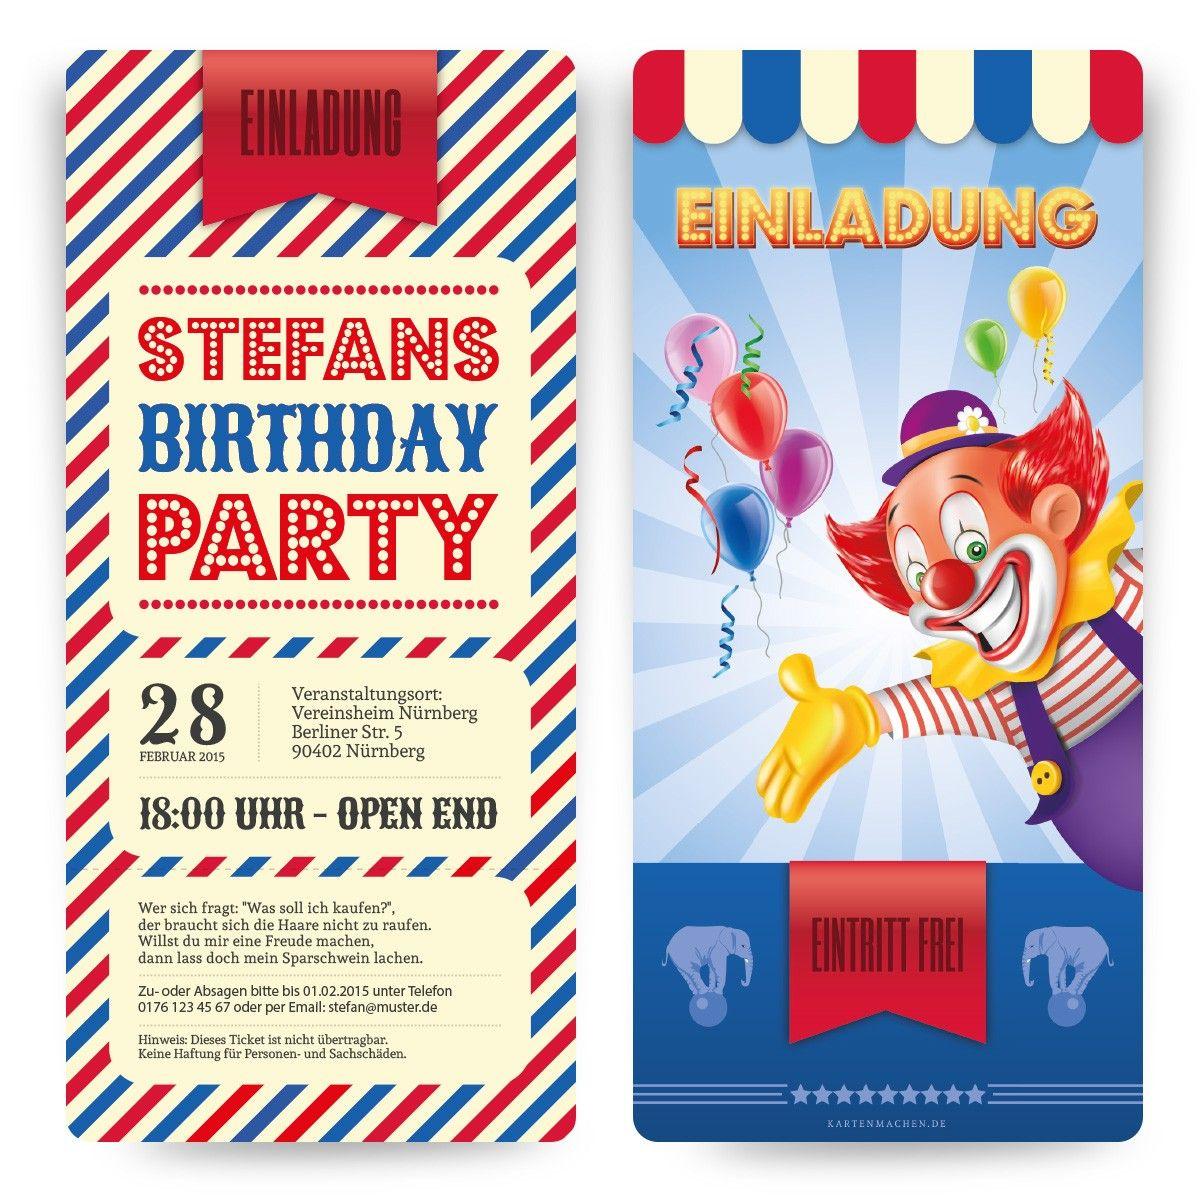 Geburtstag zirkus berlin